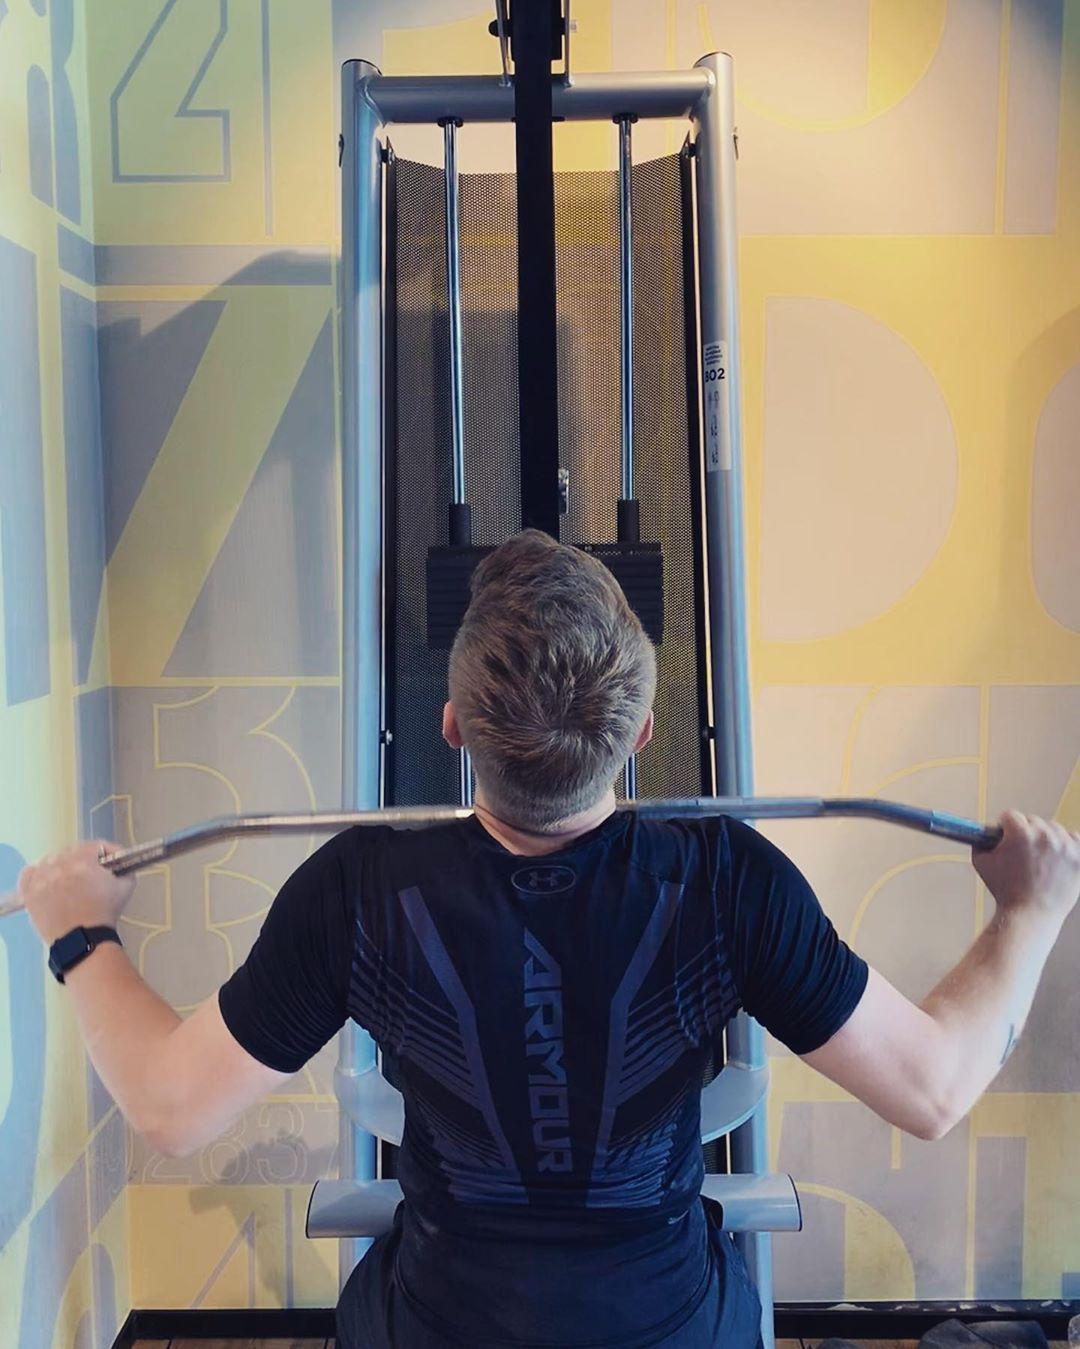 ✔pictame webstagram 🔥🔥🔥 Instagram post by @ | Ściąganie drążka wyciągu górnego do klatki piersiowej. Dobre ćwiczenie na zwiększenie masy mięśni grzbietu 💪  | 🔥GPLUSE.CLUB